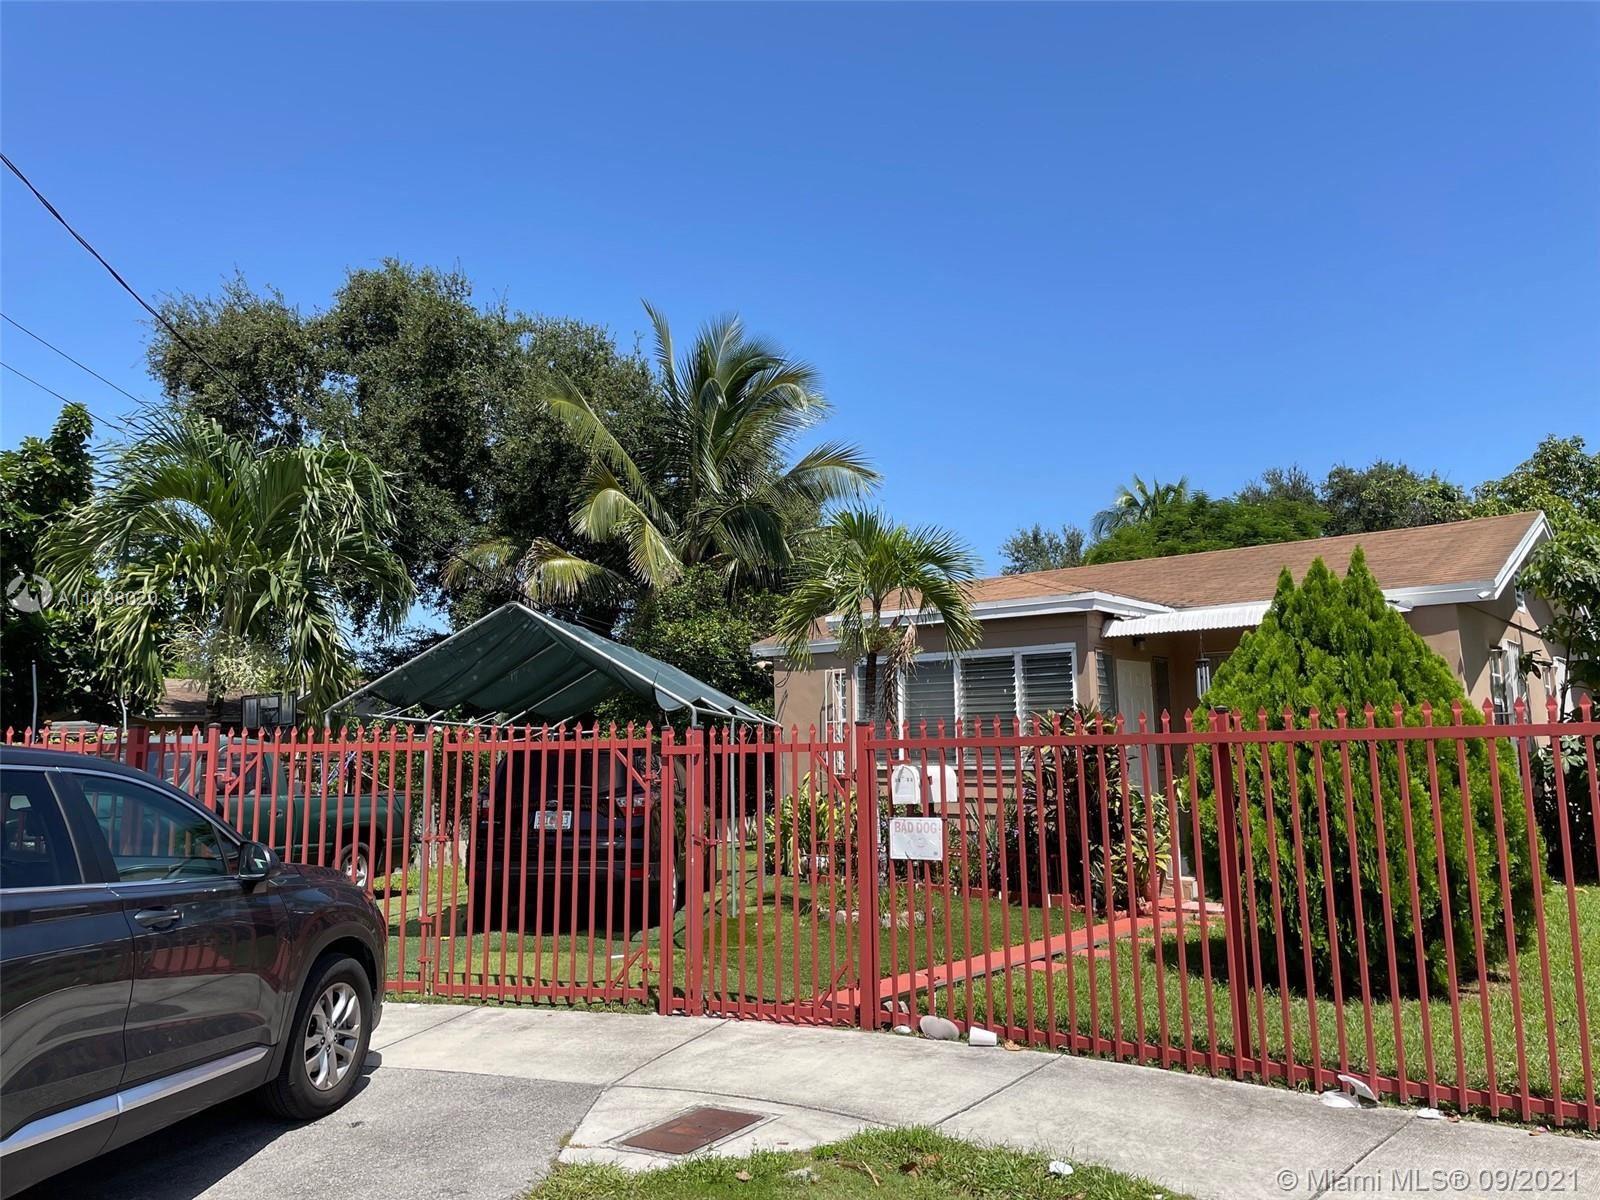 2933 NW 16th Ave, Miami, FL 33142 - #: A11098020